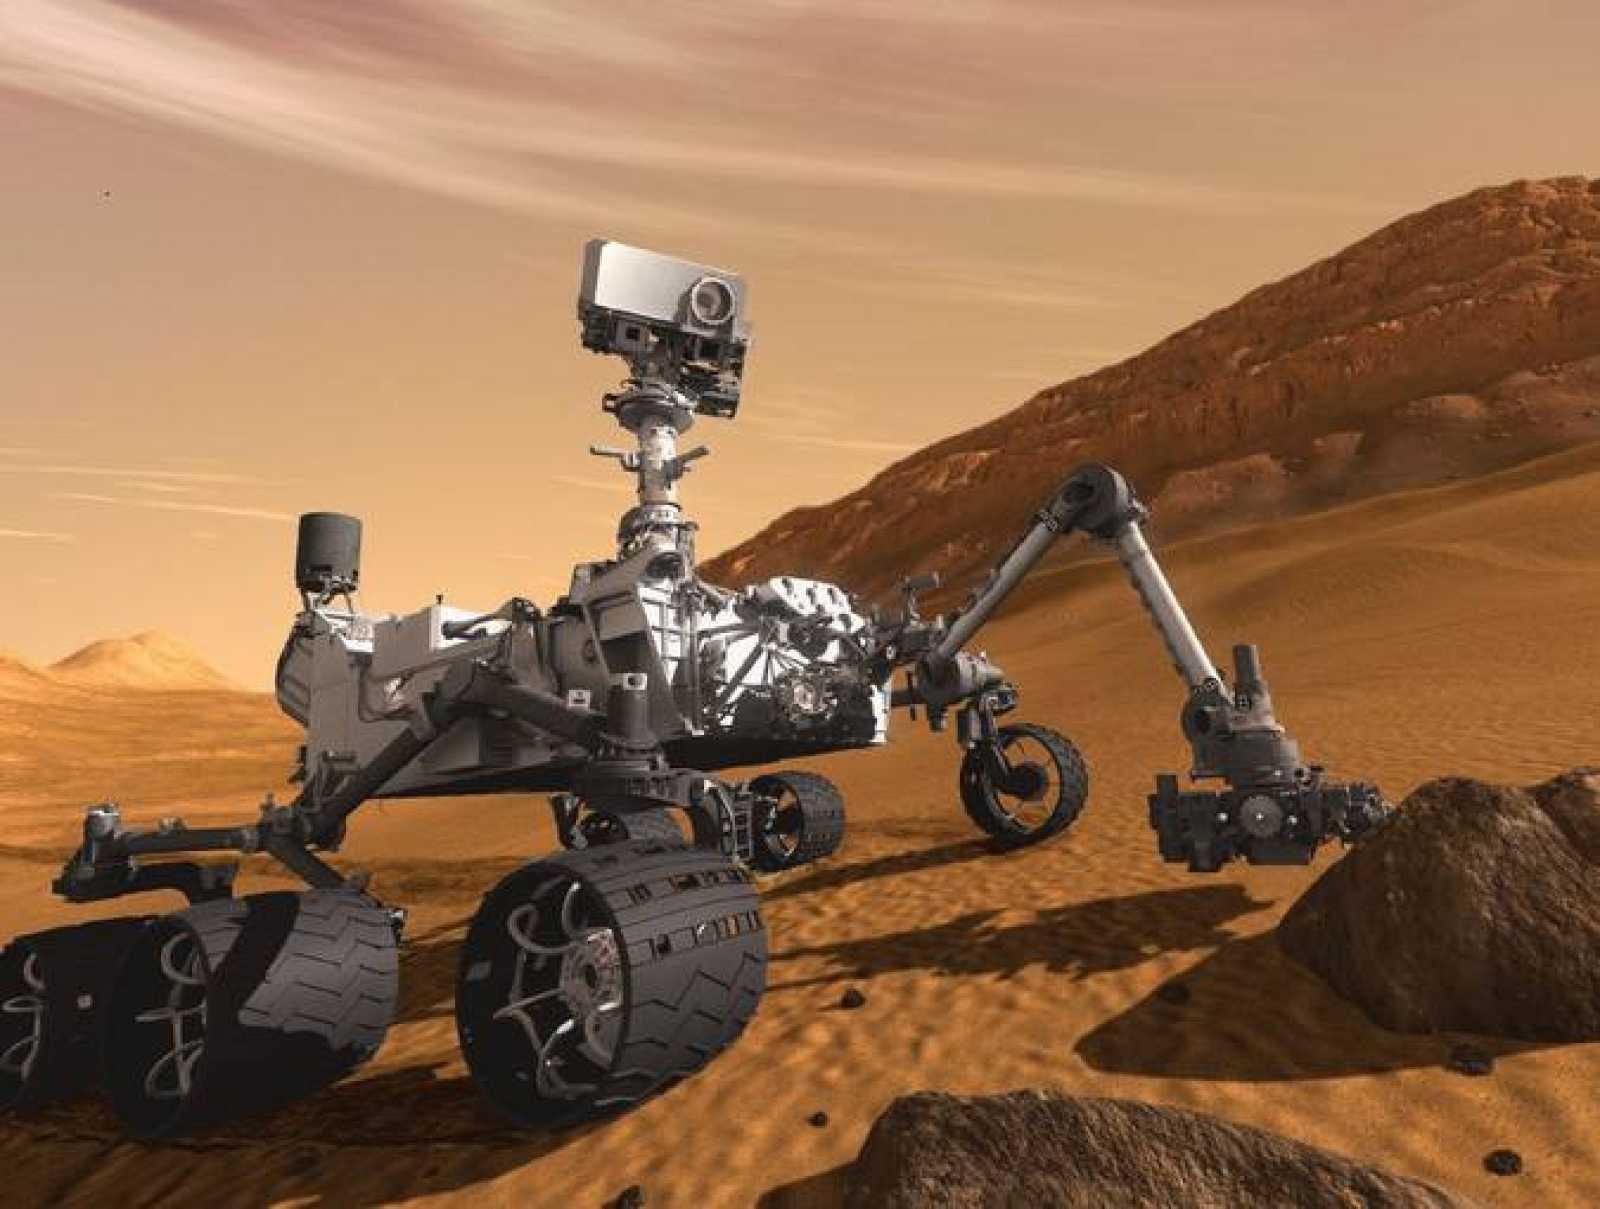 Impresión artística de Curiosity sobre la superficie marciana